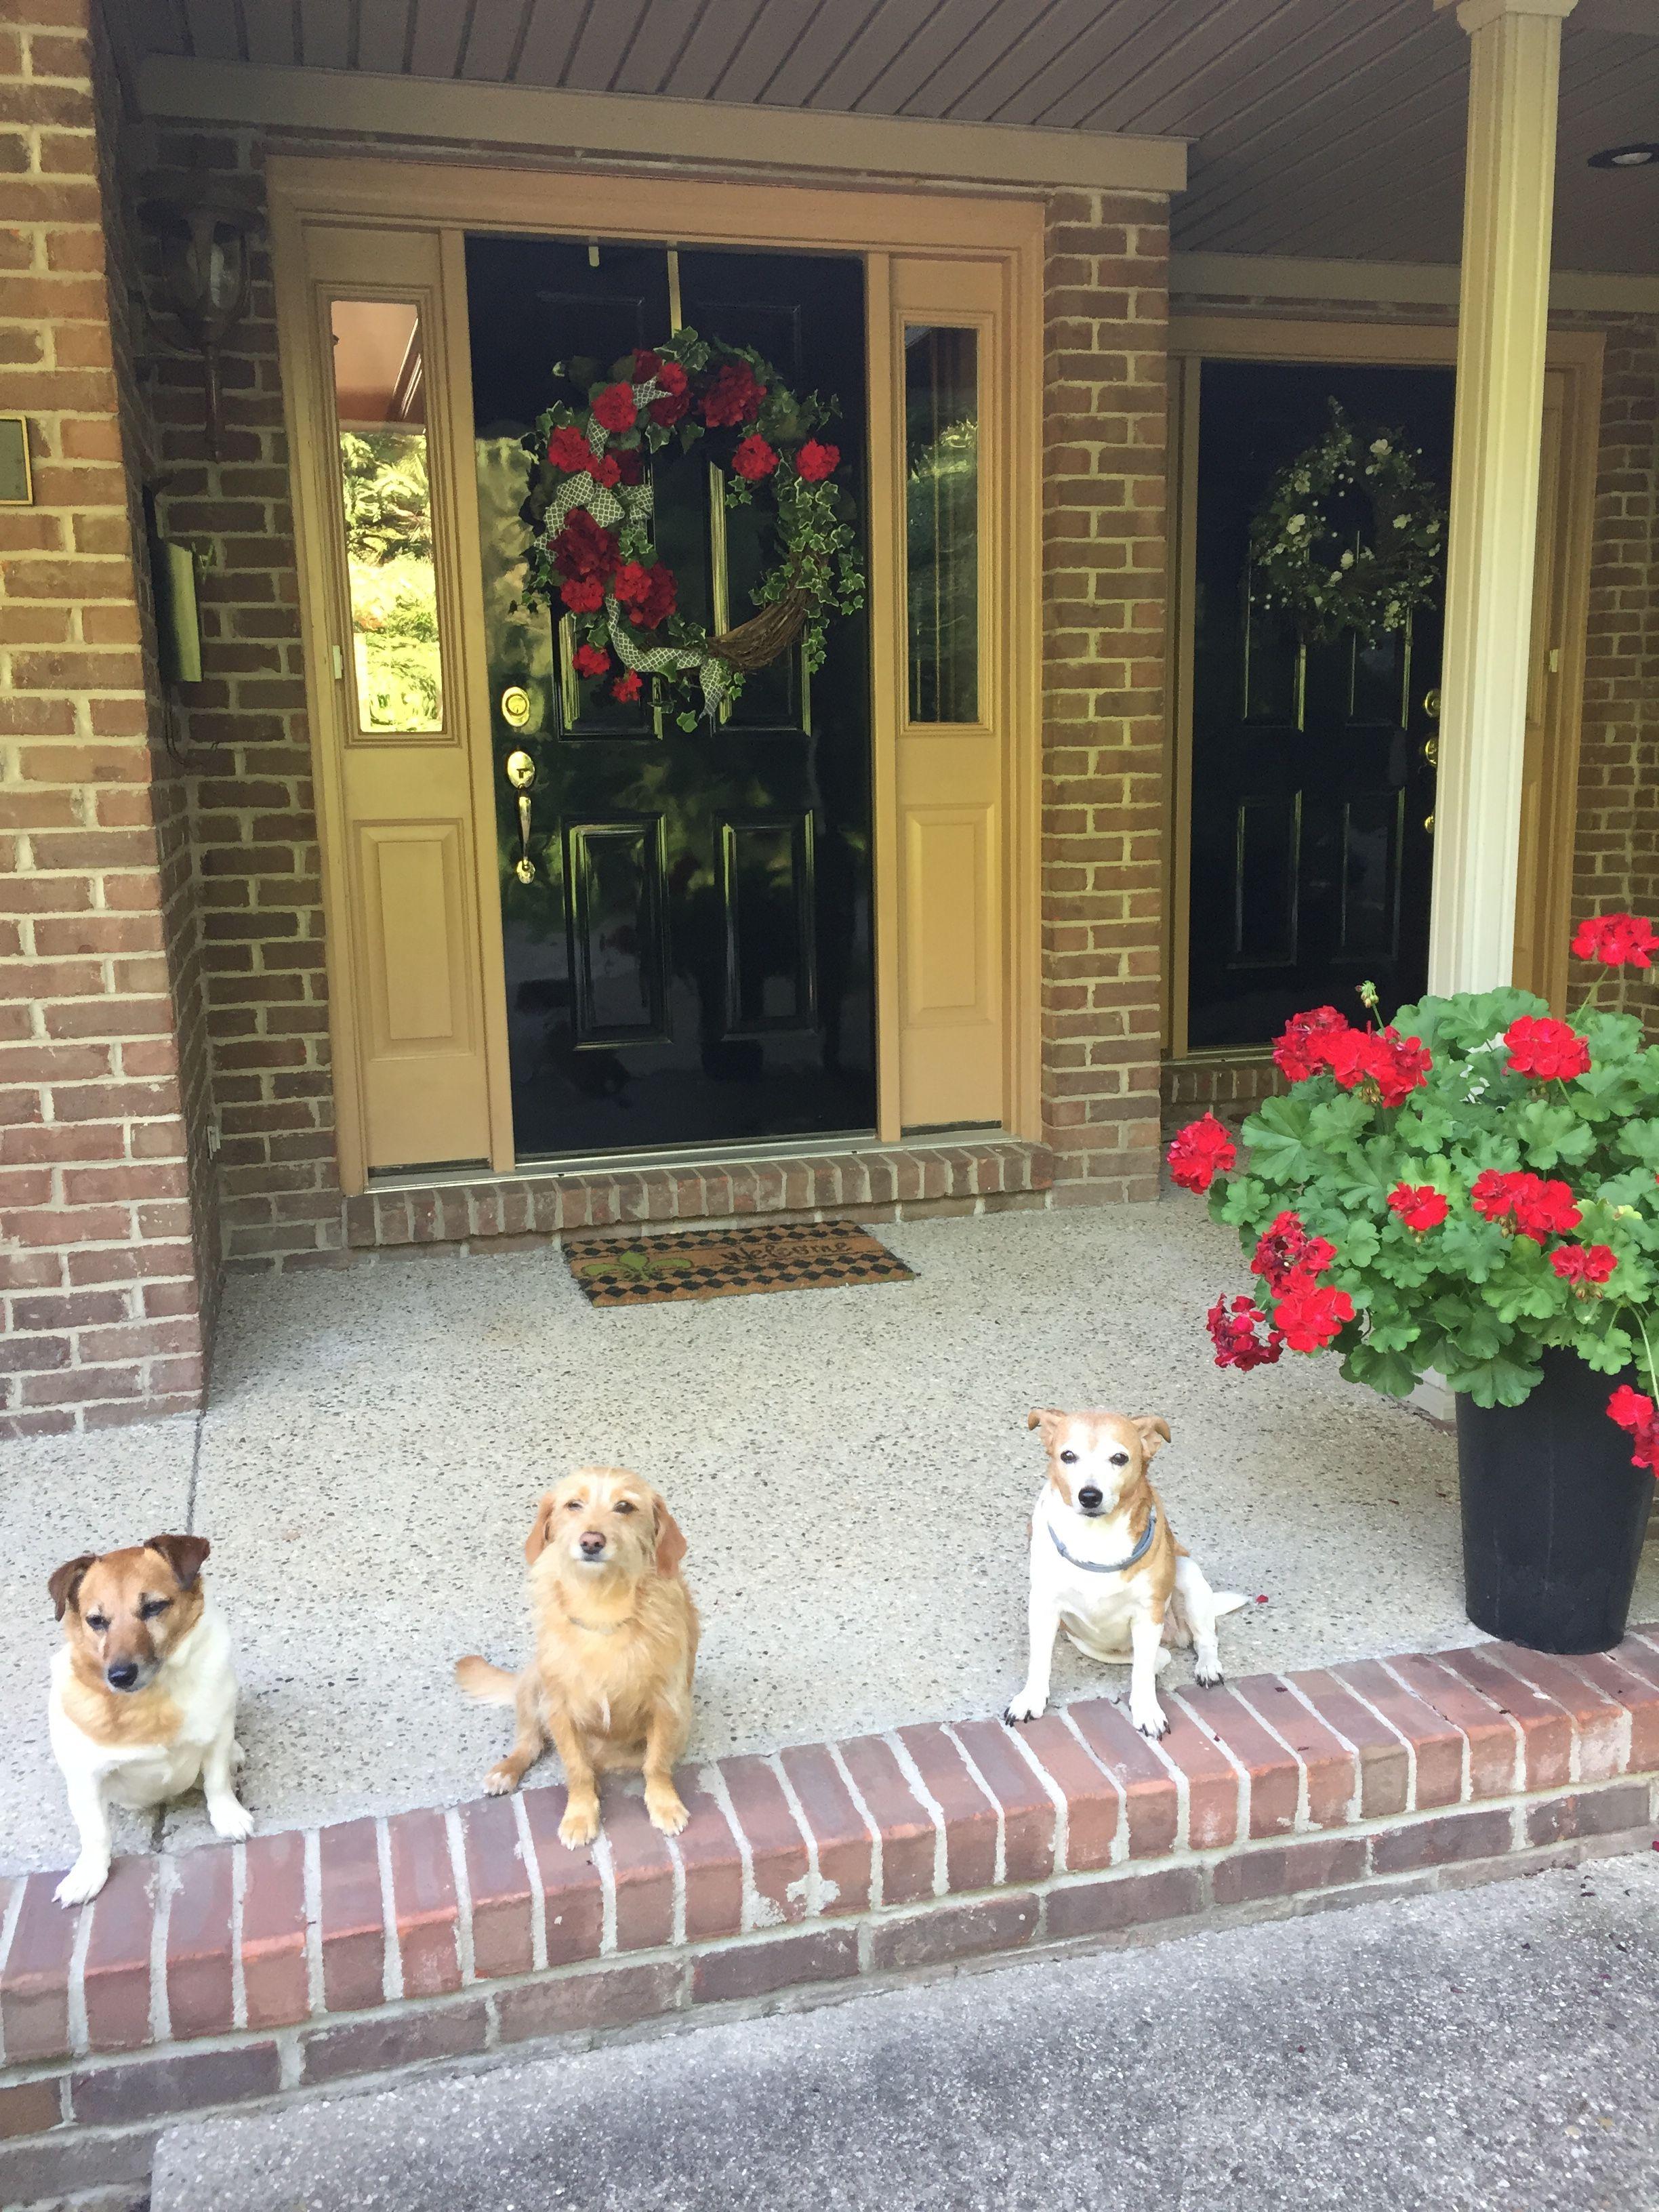 Idea by Lynn Pennington on Puppy Love Puppies, Puppy